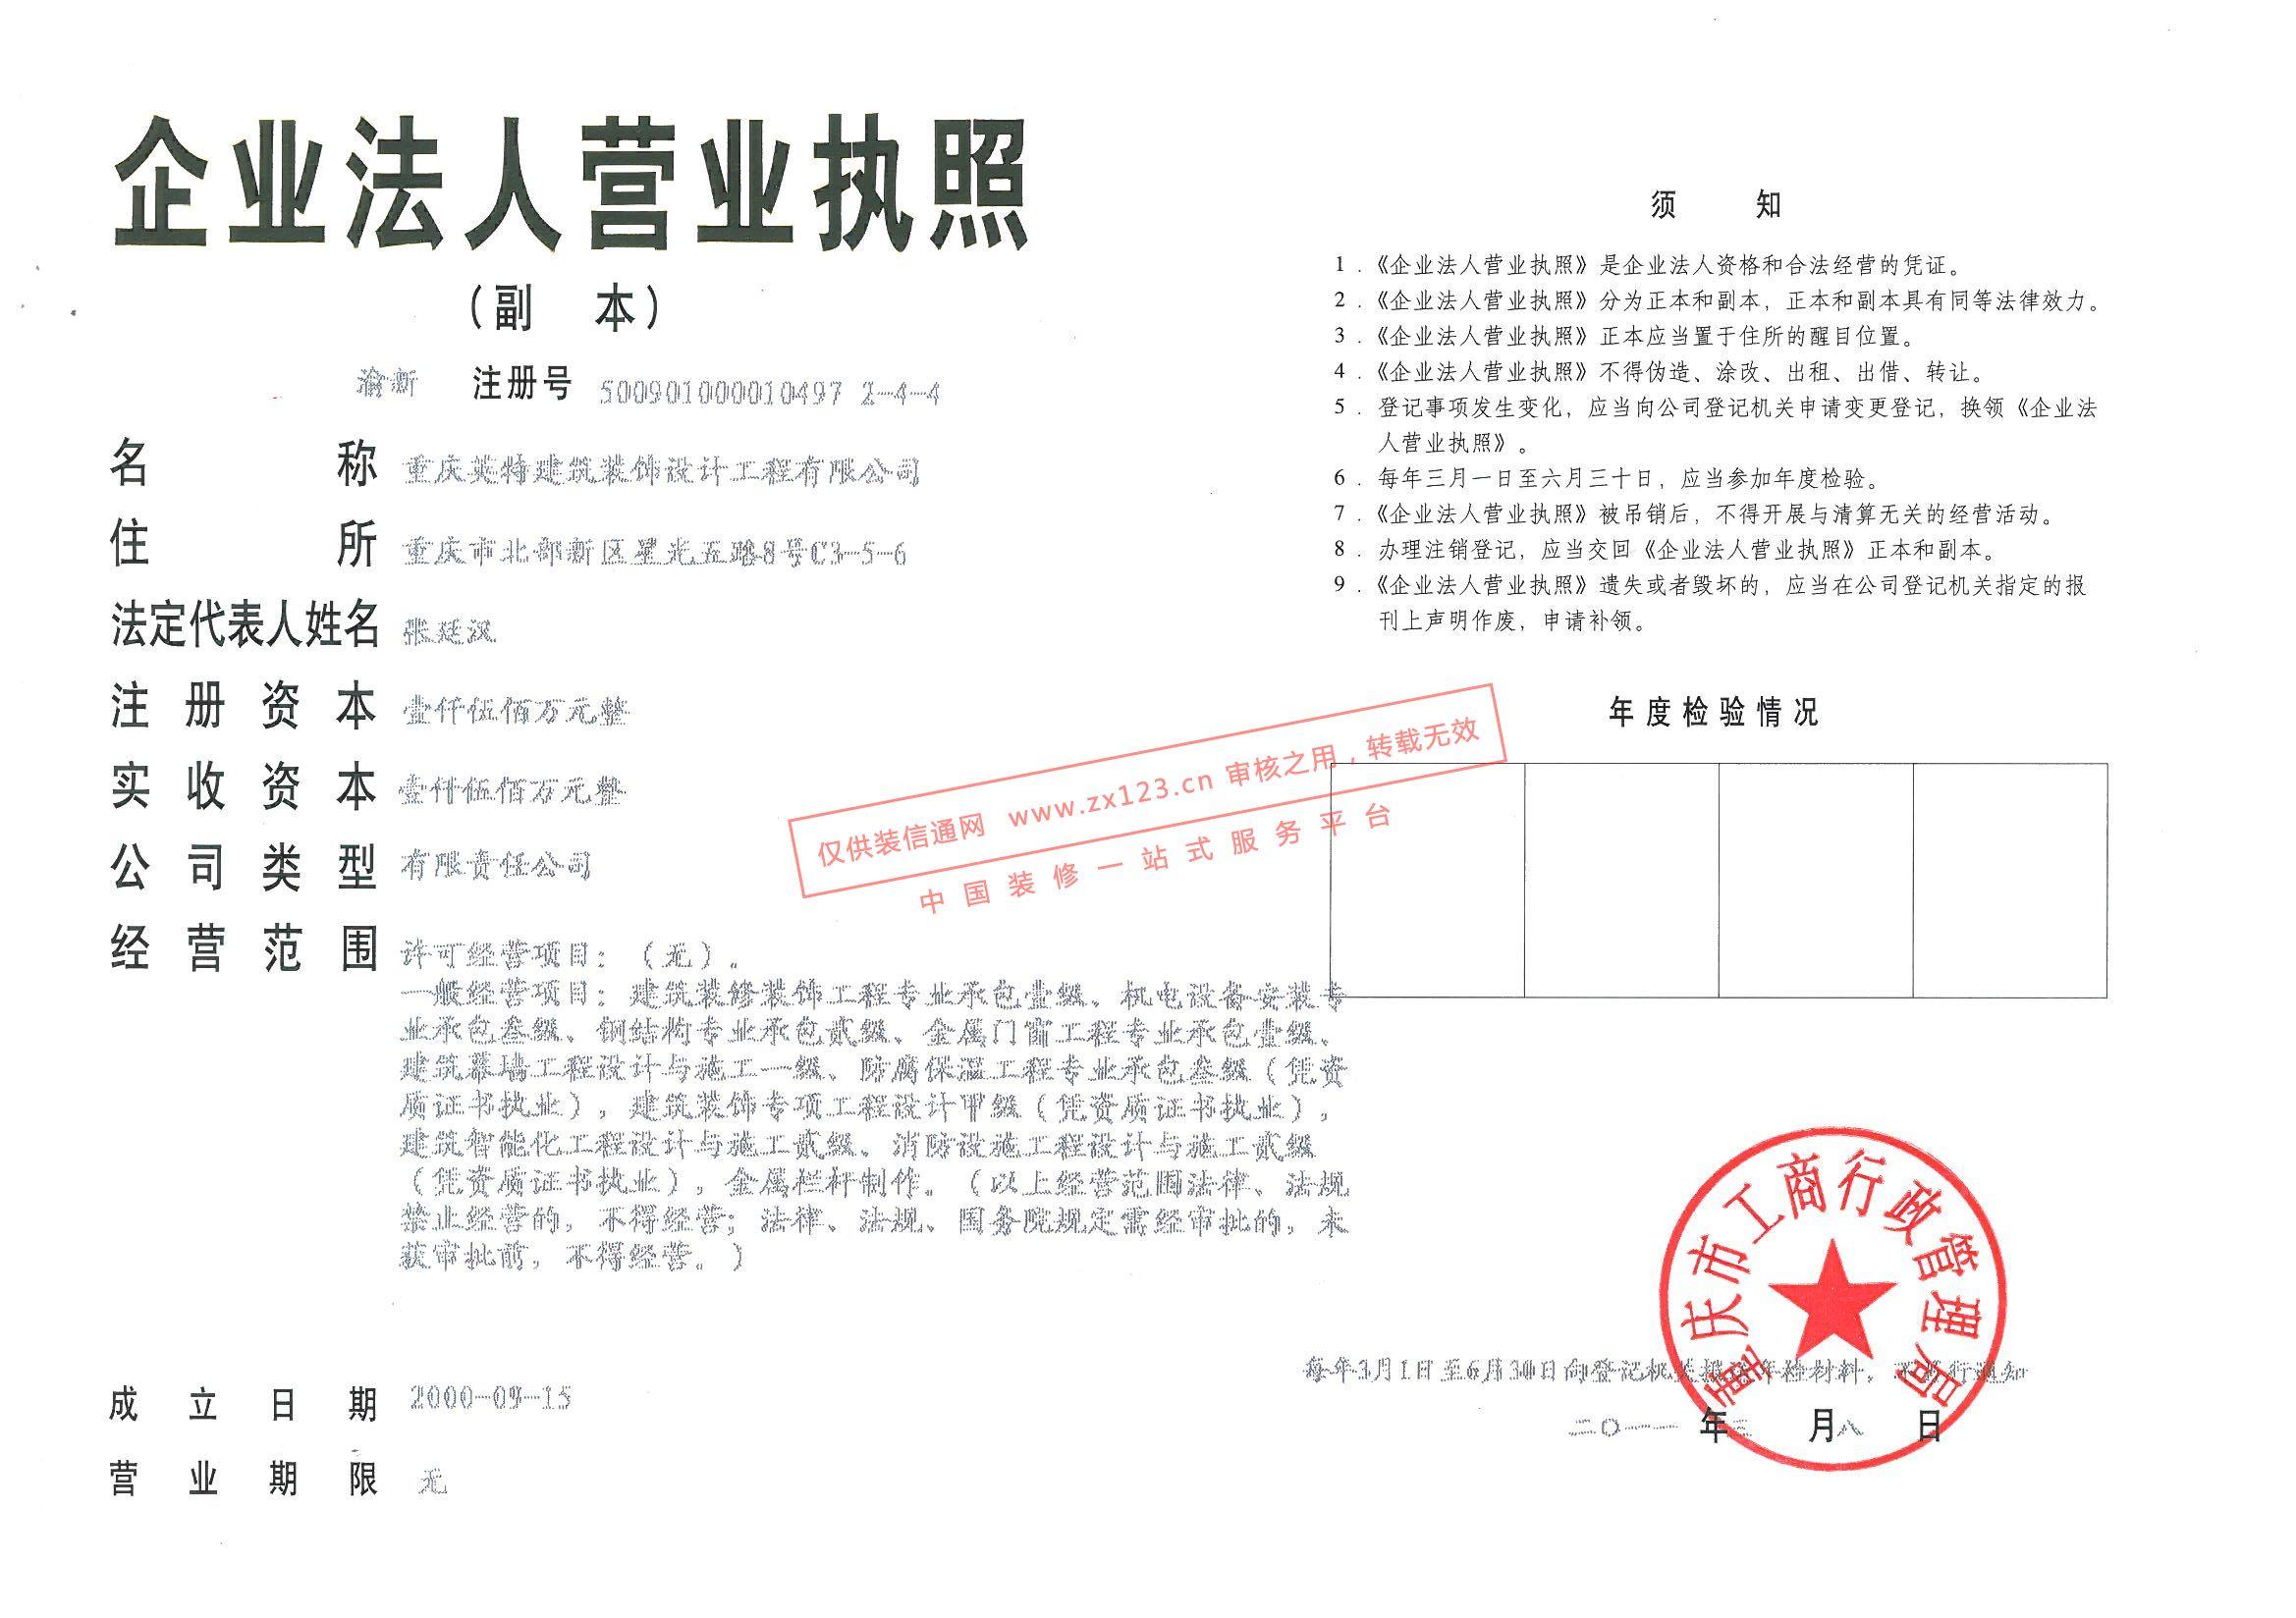 重庆英特建筑装饰设计工程有限公司资质证书_重庆装修